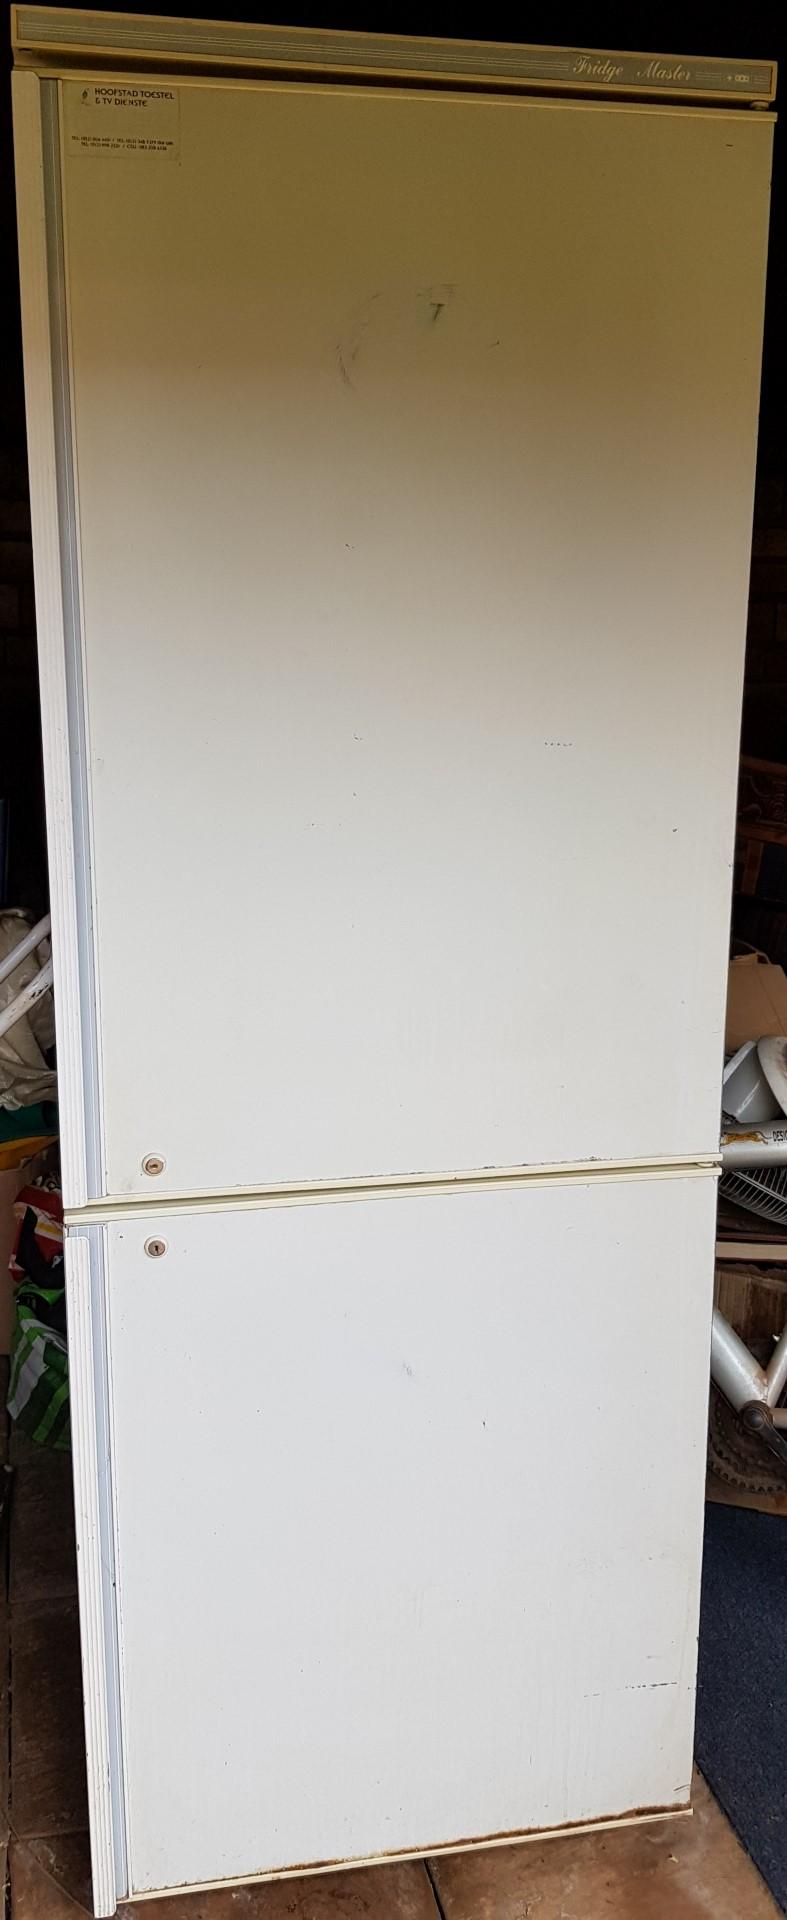 Used double door fridge & Freezer combination